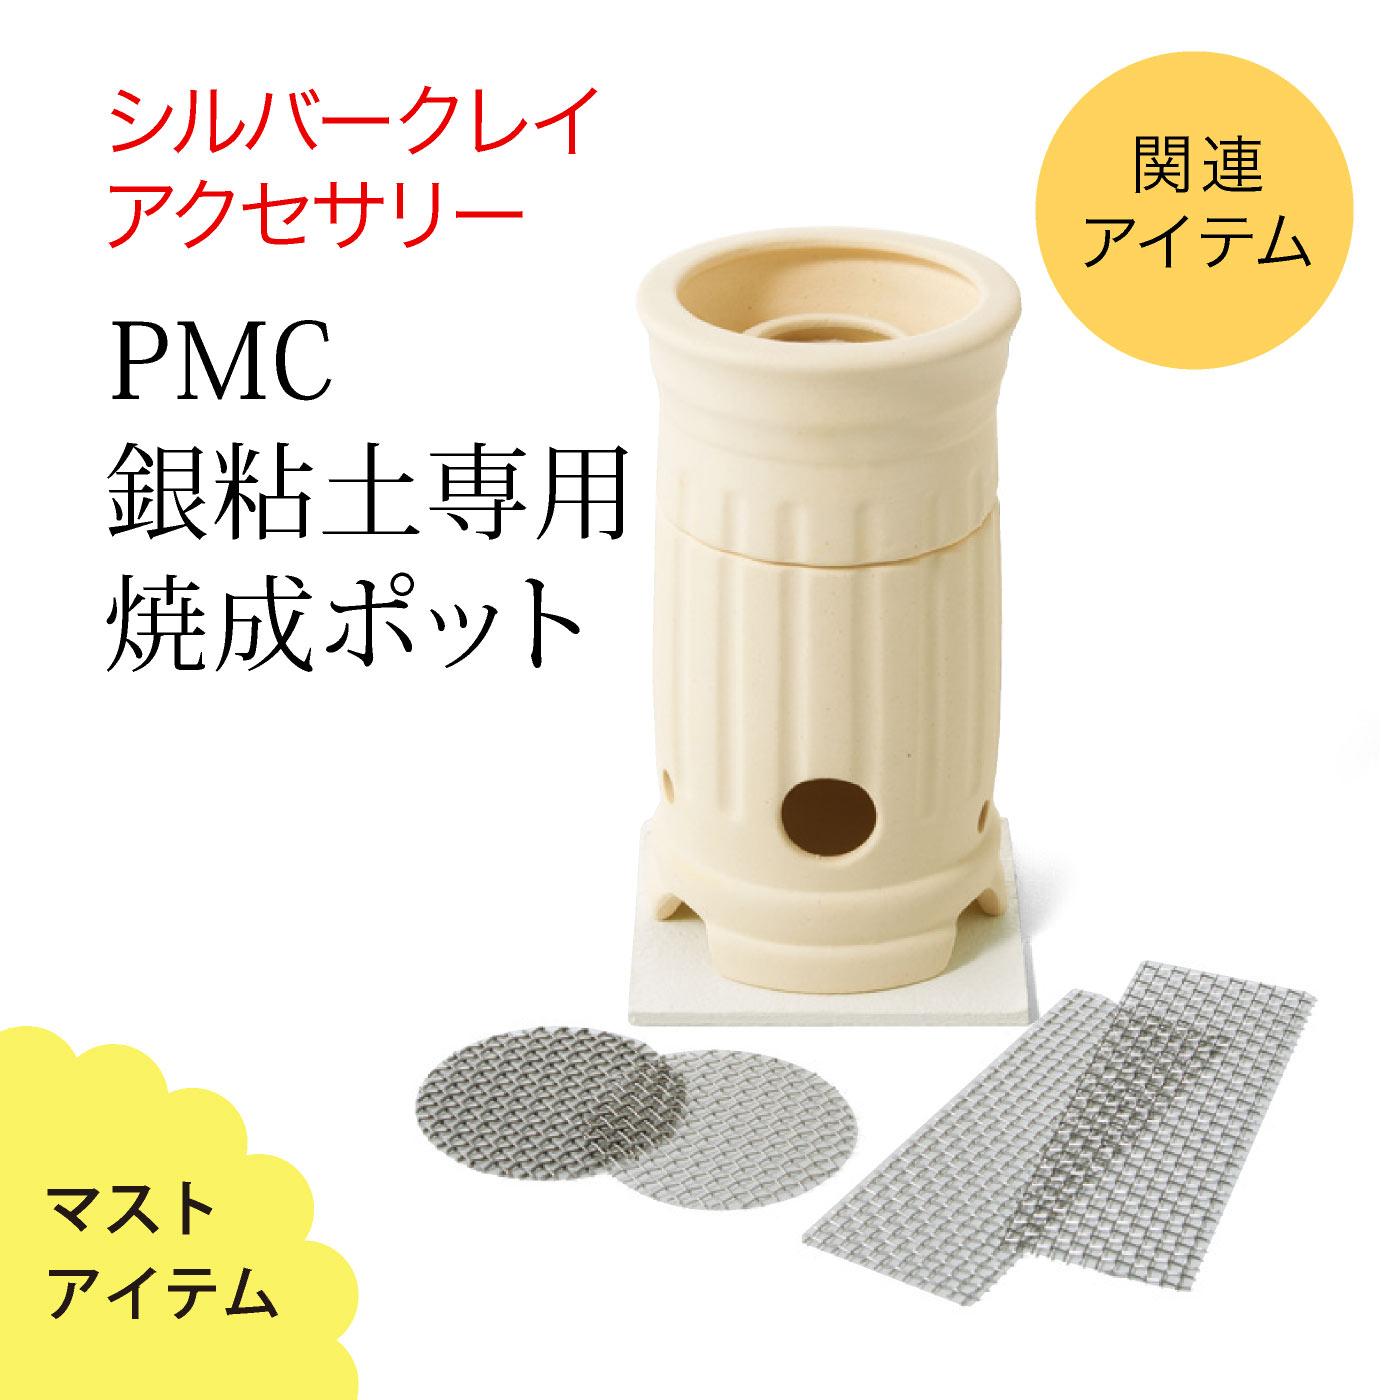 フェリシモ シルバークレイアクセサリーを楽しむ PMC銀粘土専用 焼成ポット